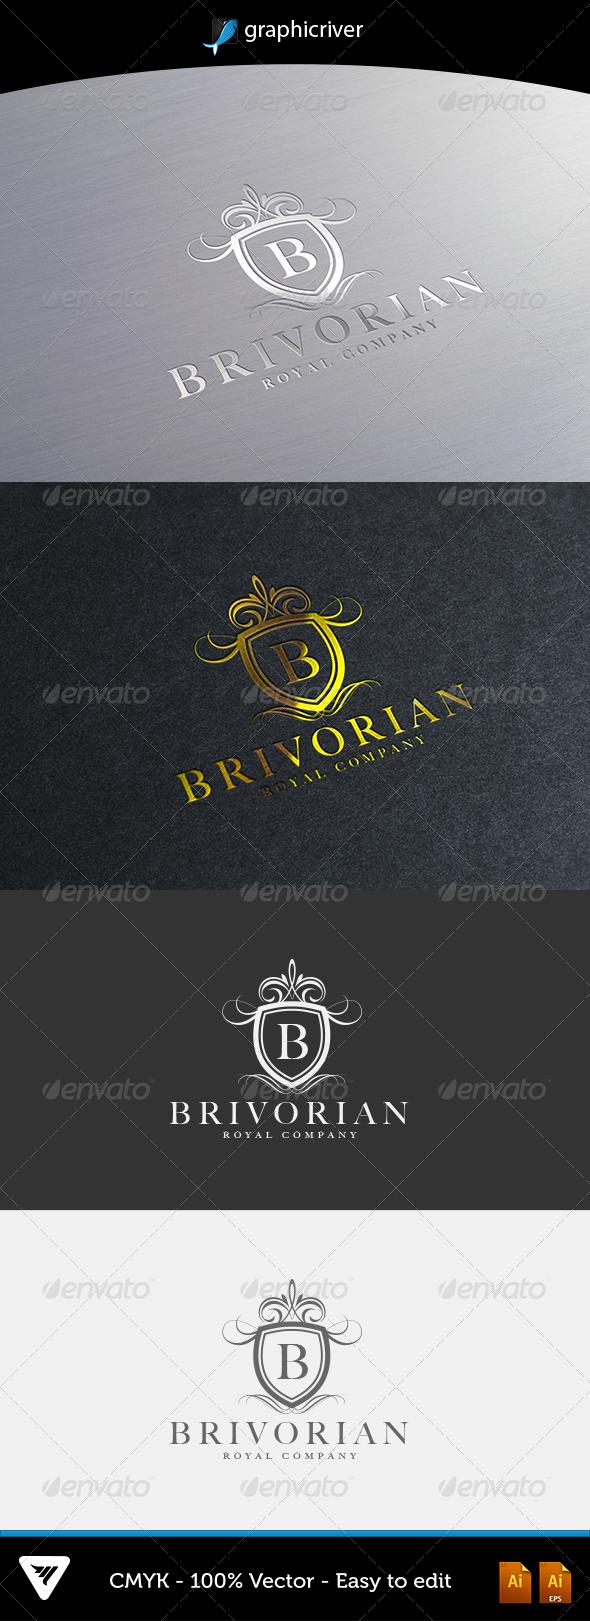 GraphicRiver Brivorian Logo 6098532